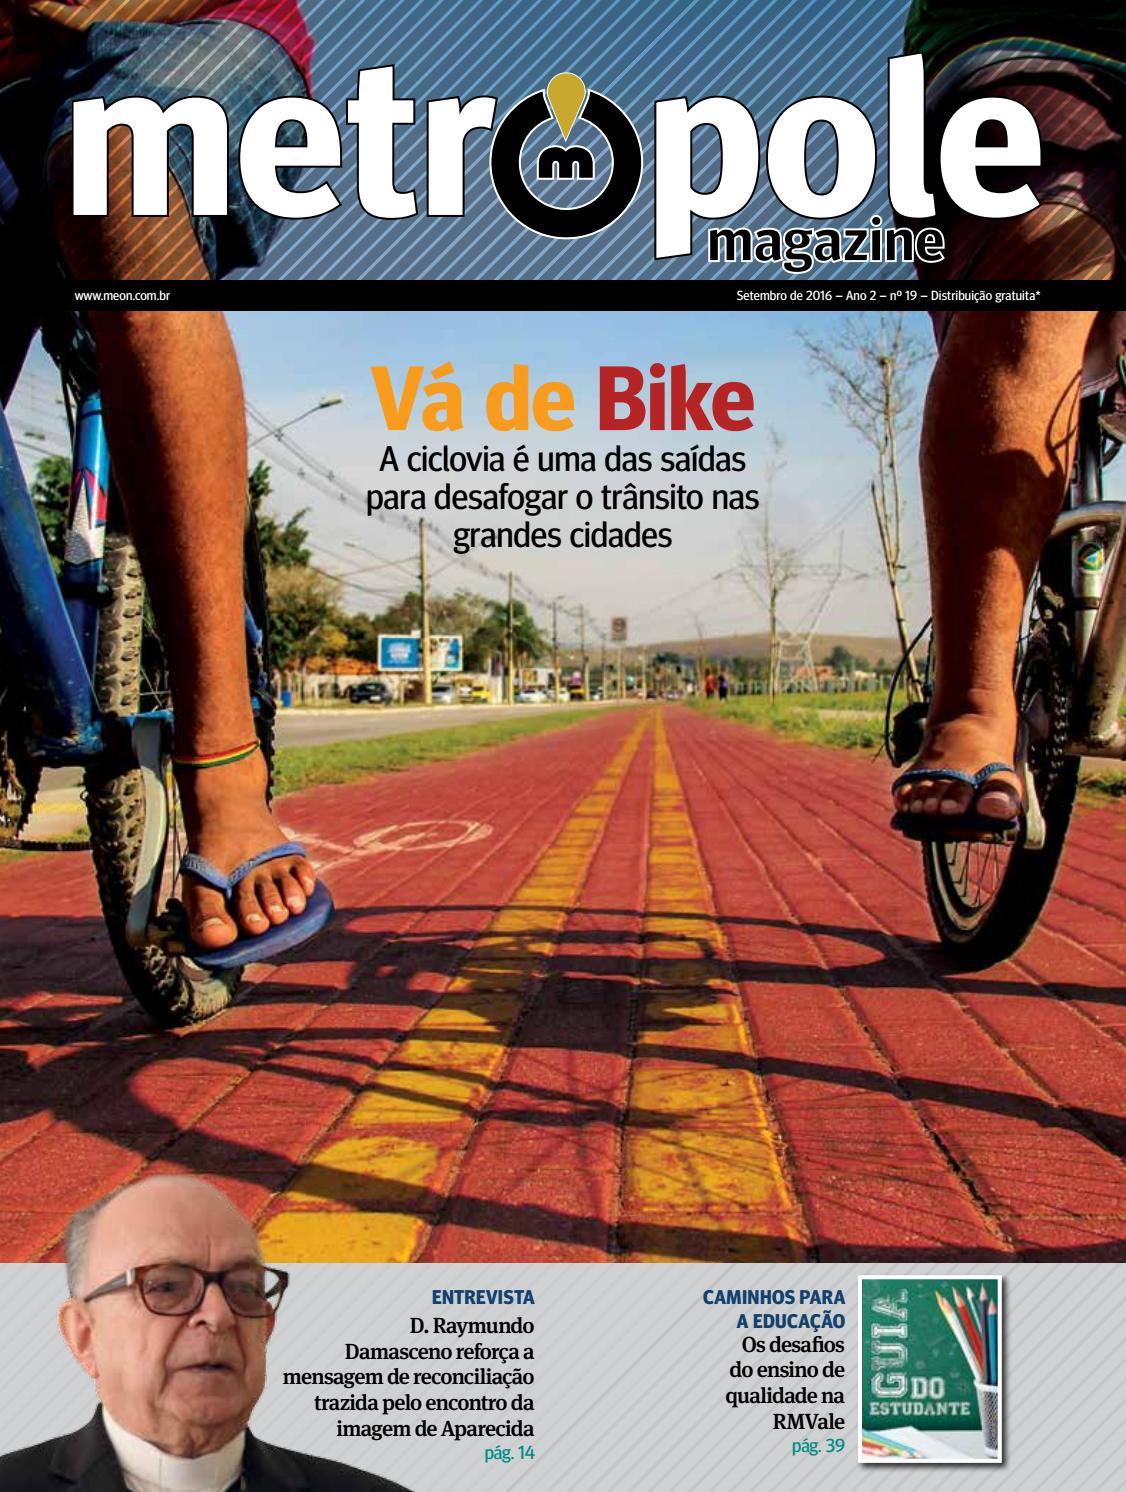 Metrópole Magazine - Setembro de 2016   Edição 19 by Portal Meon - issuu d01f347ba4603